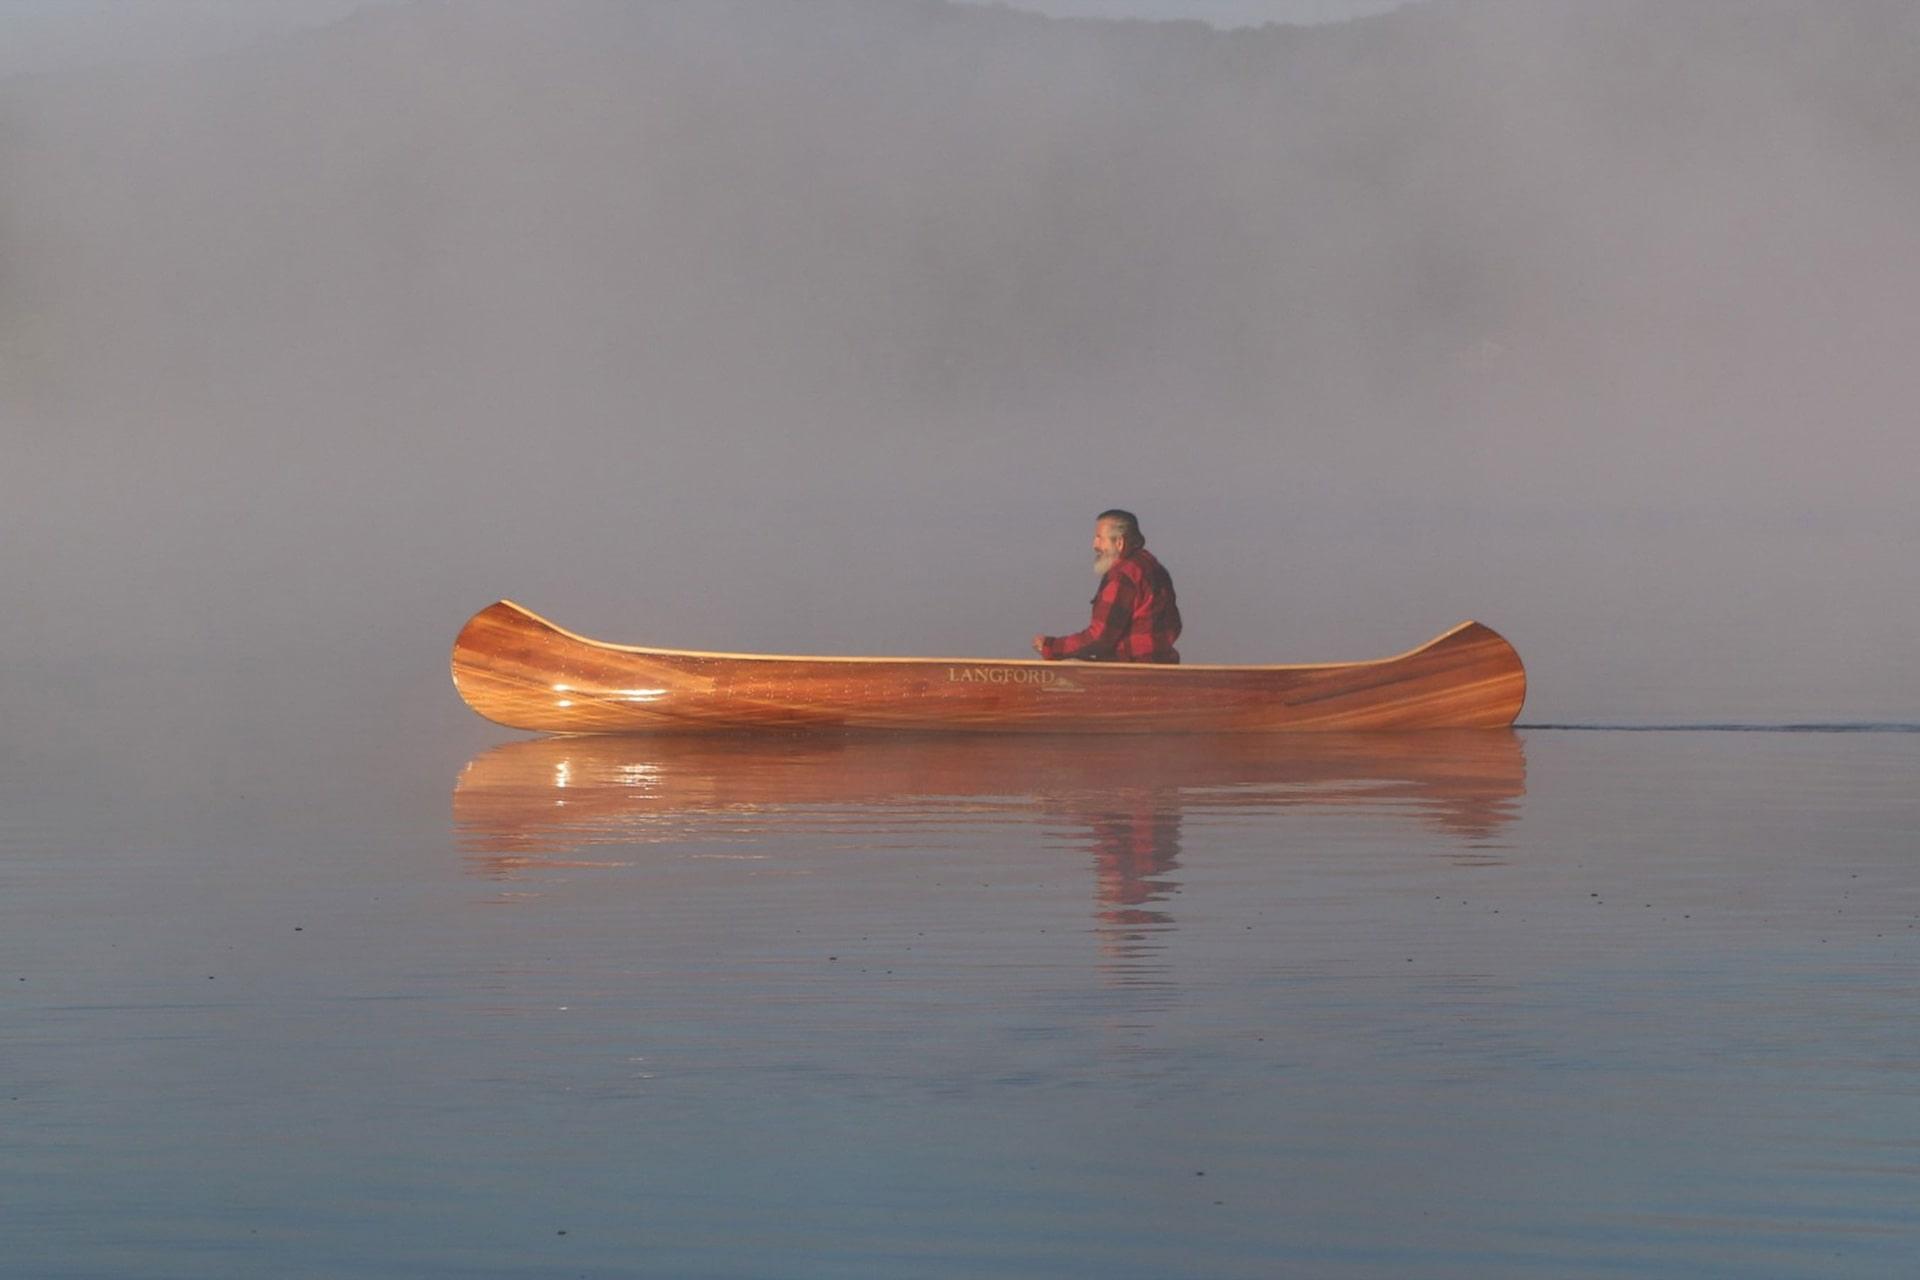 langford canoe banner 2